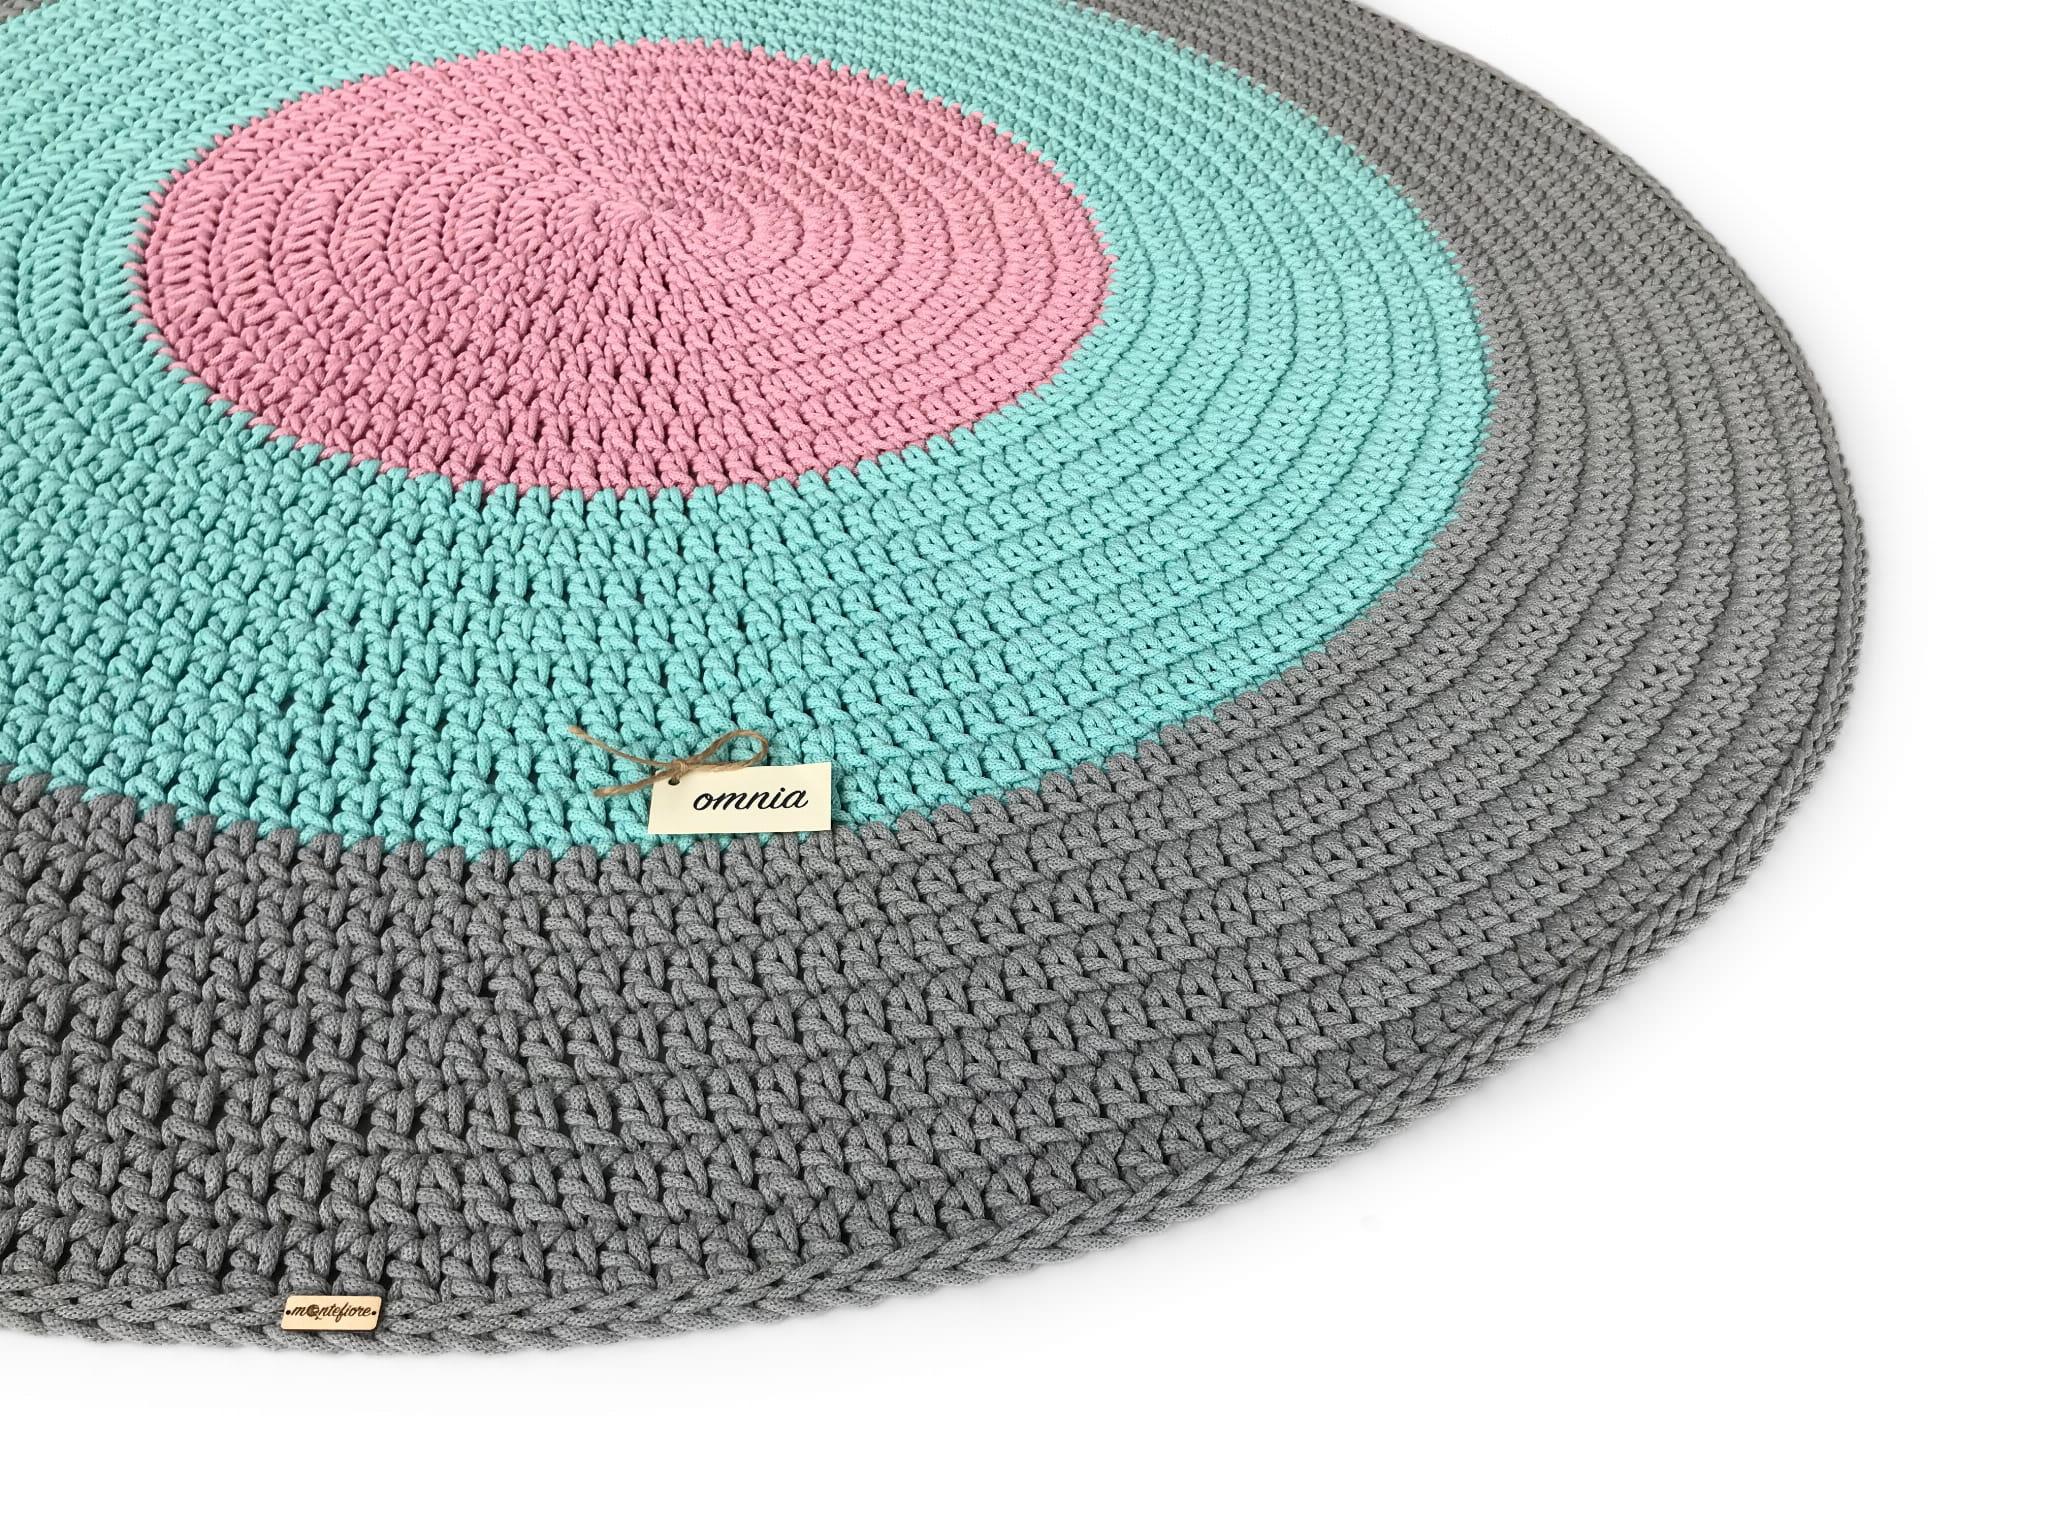 OMNIA Dywan okrągły średnica 180 cm 3 kolory